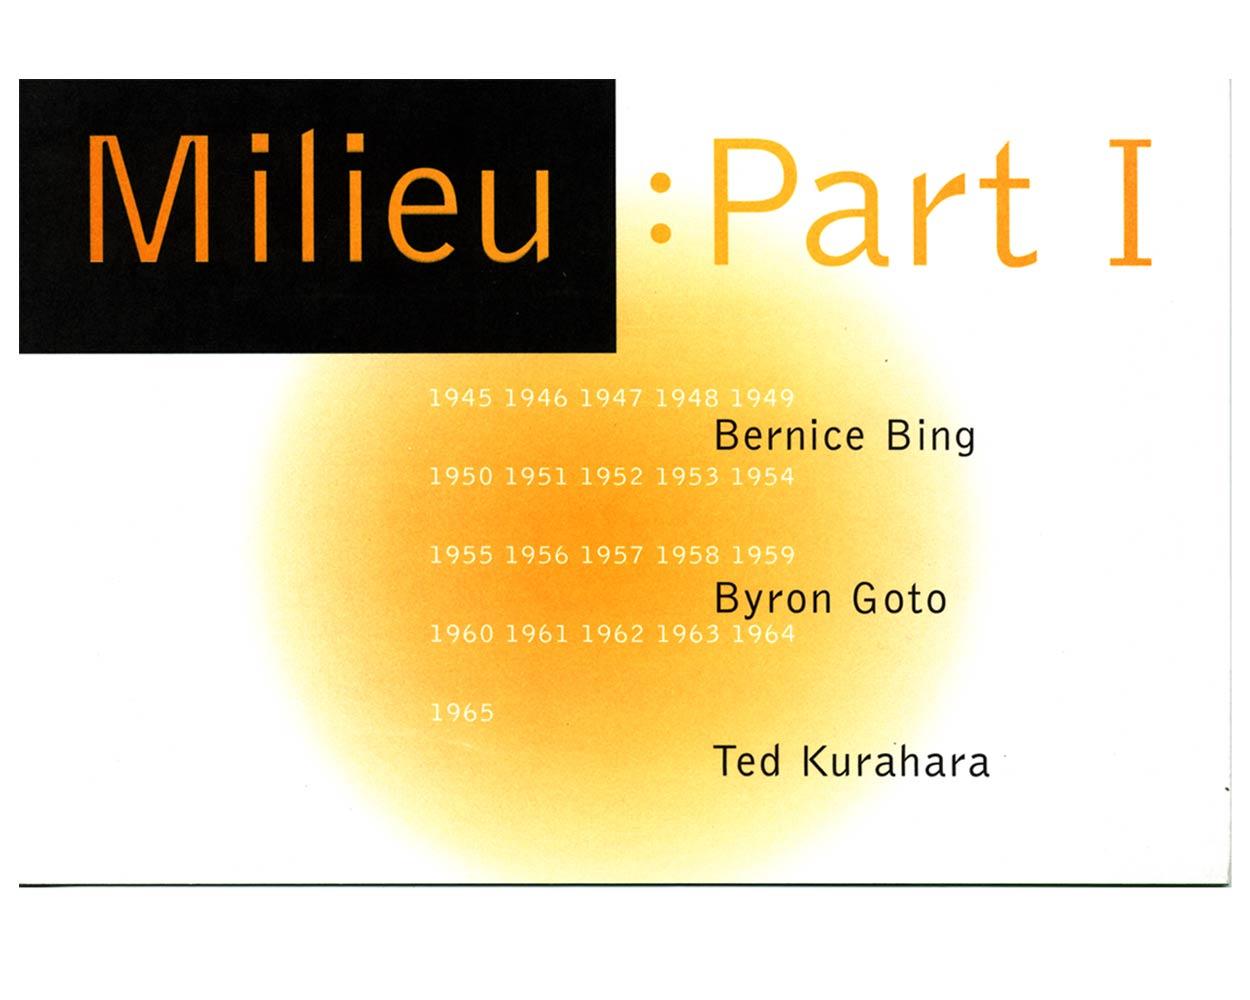 Exhibition flyer for Milieu Part: 1